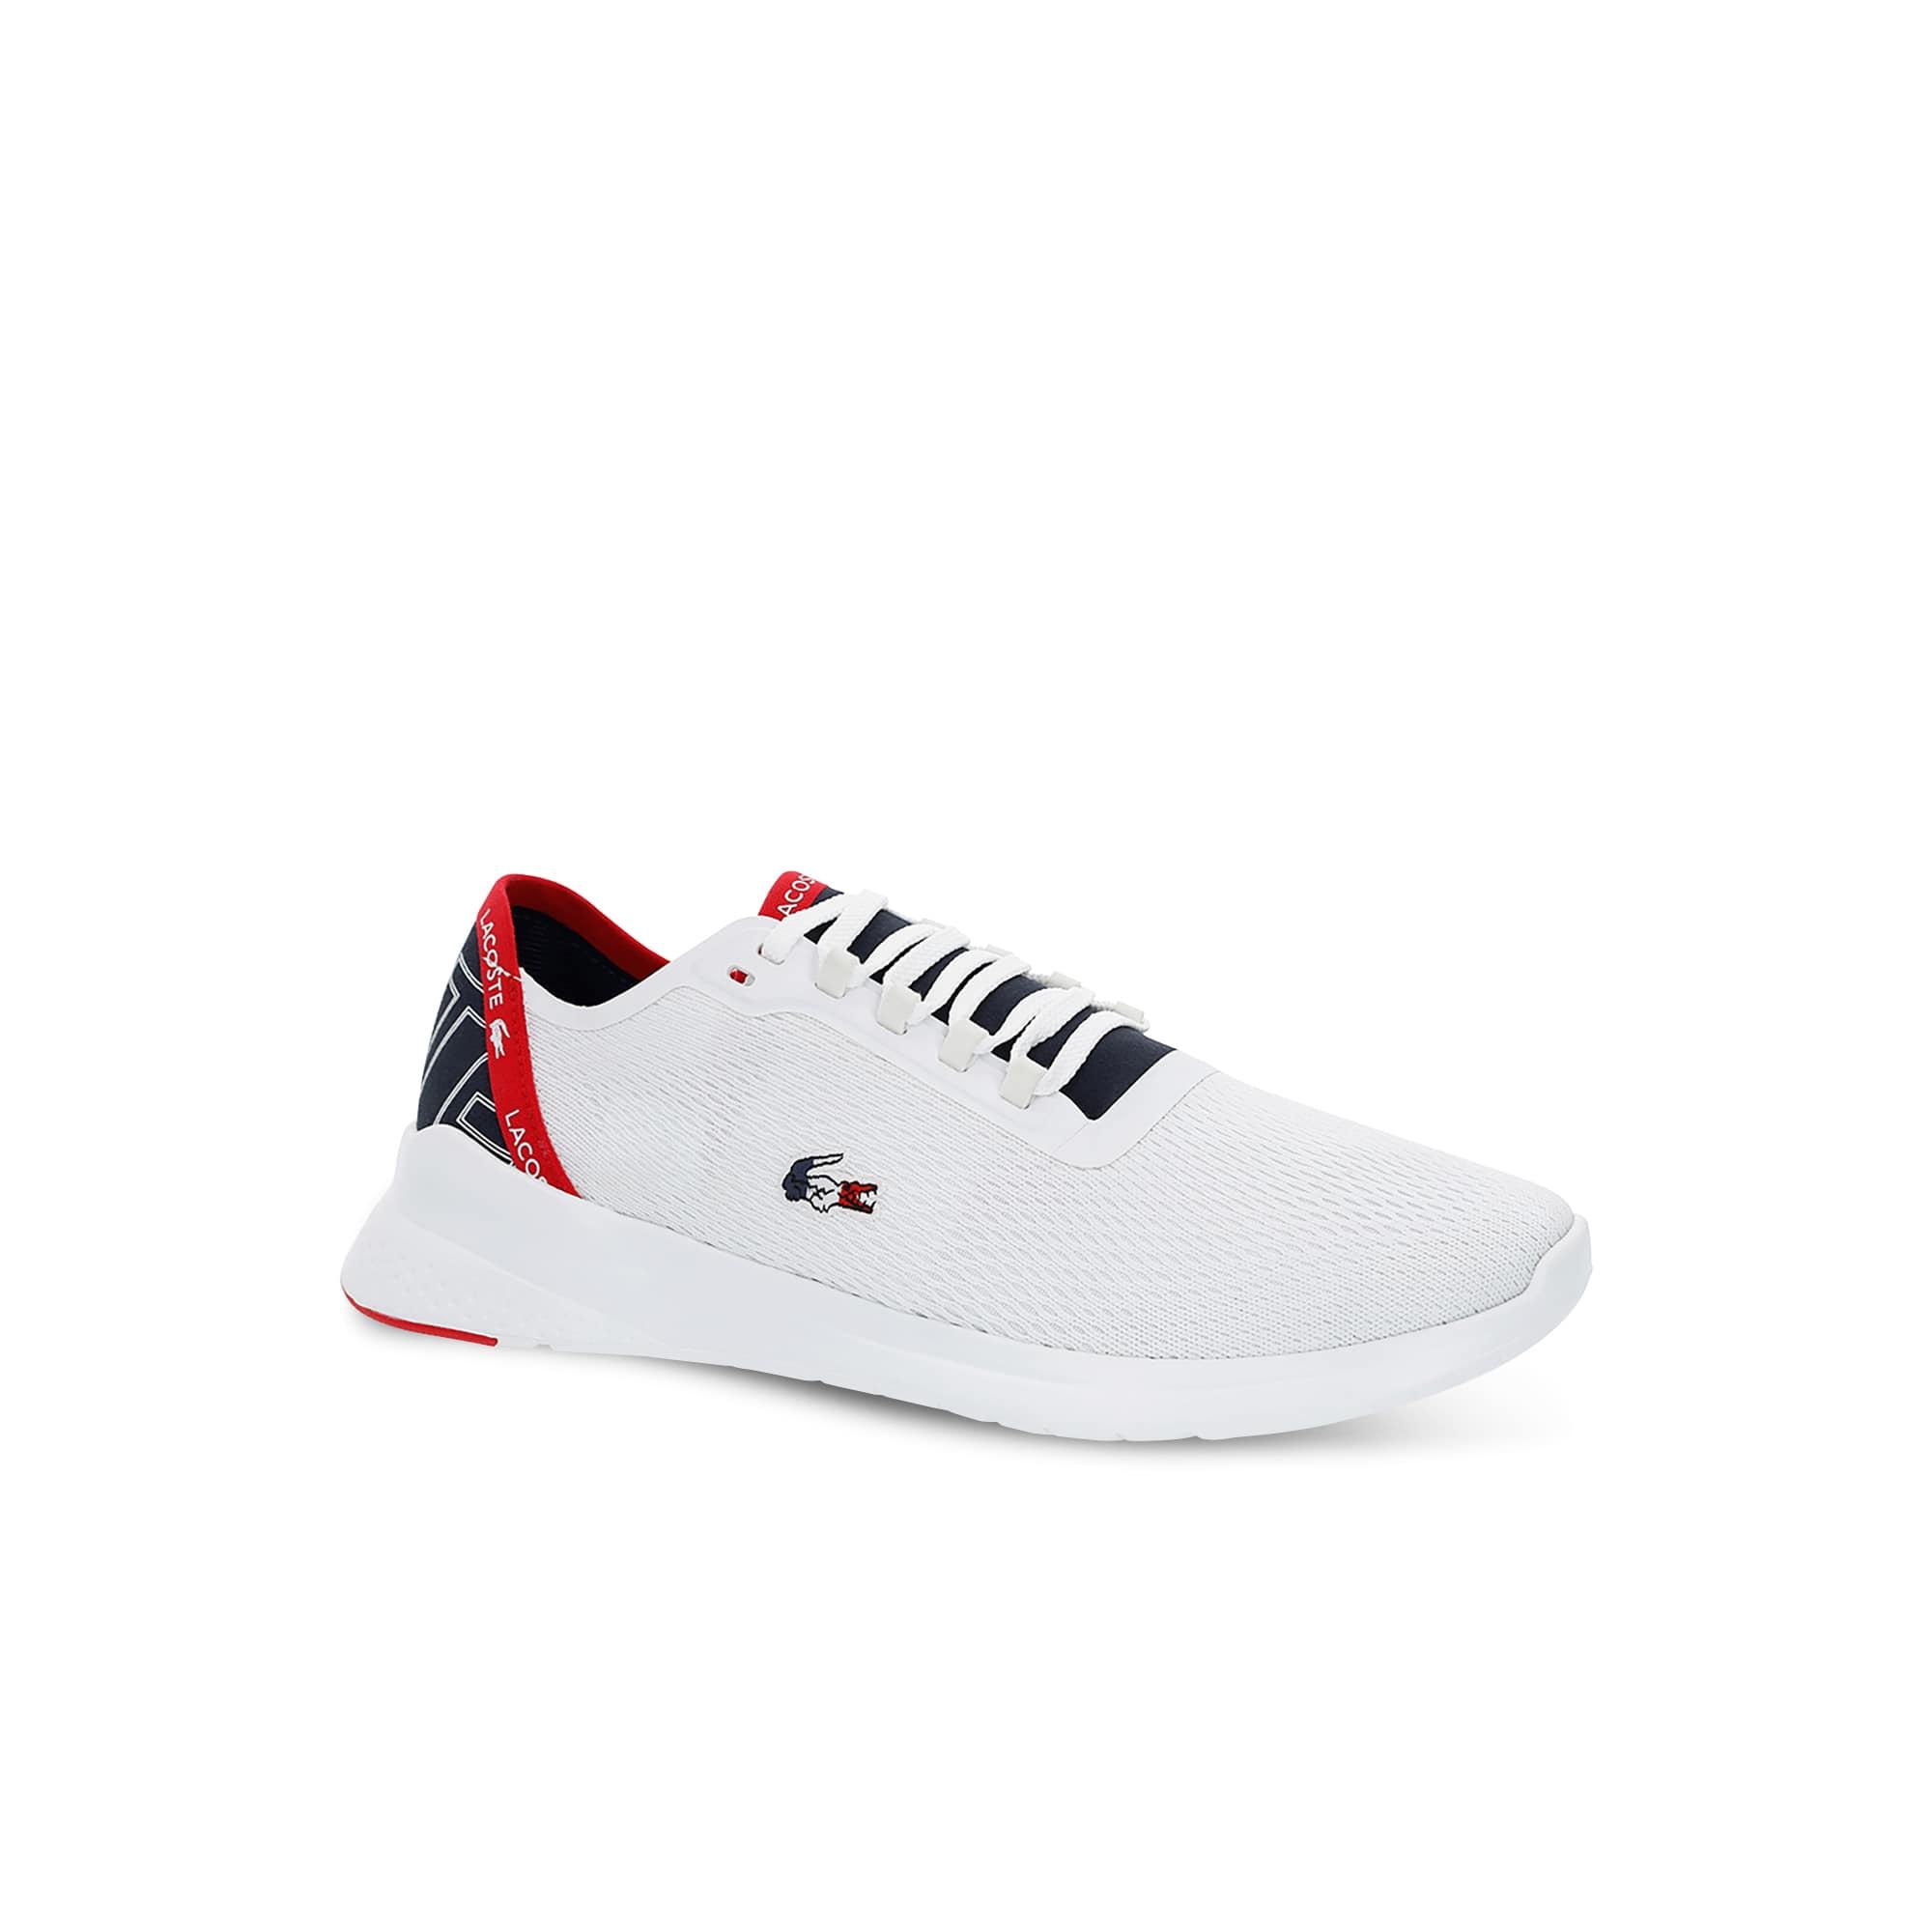 1714334a9e5853 Men s LT Fit Sneakers with Tricolor Croc